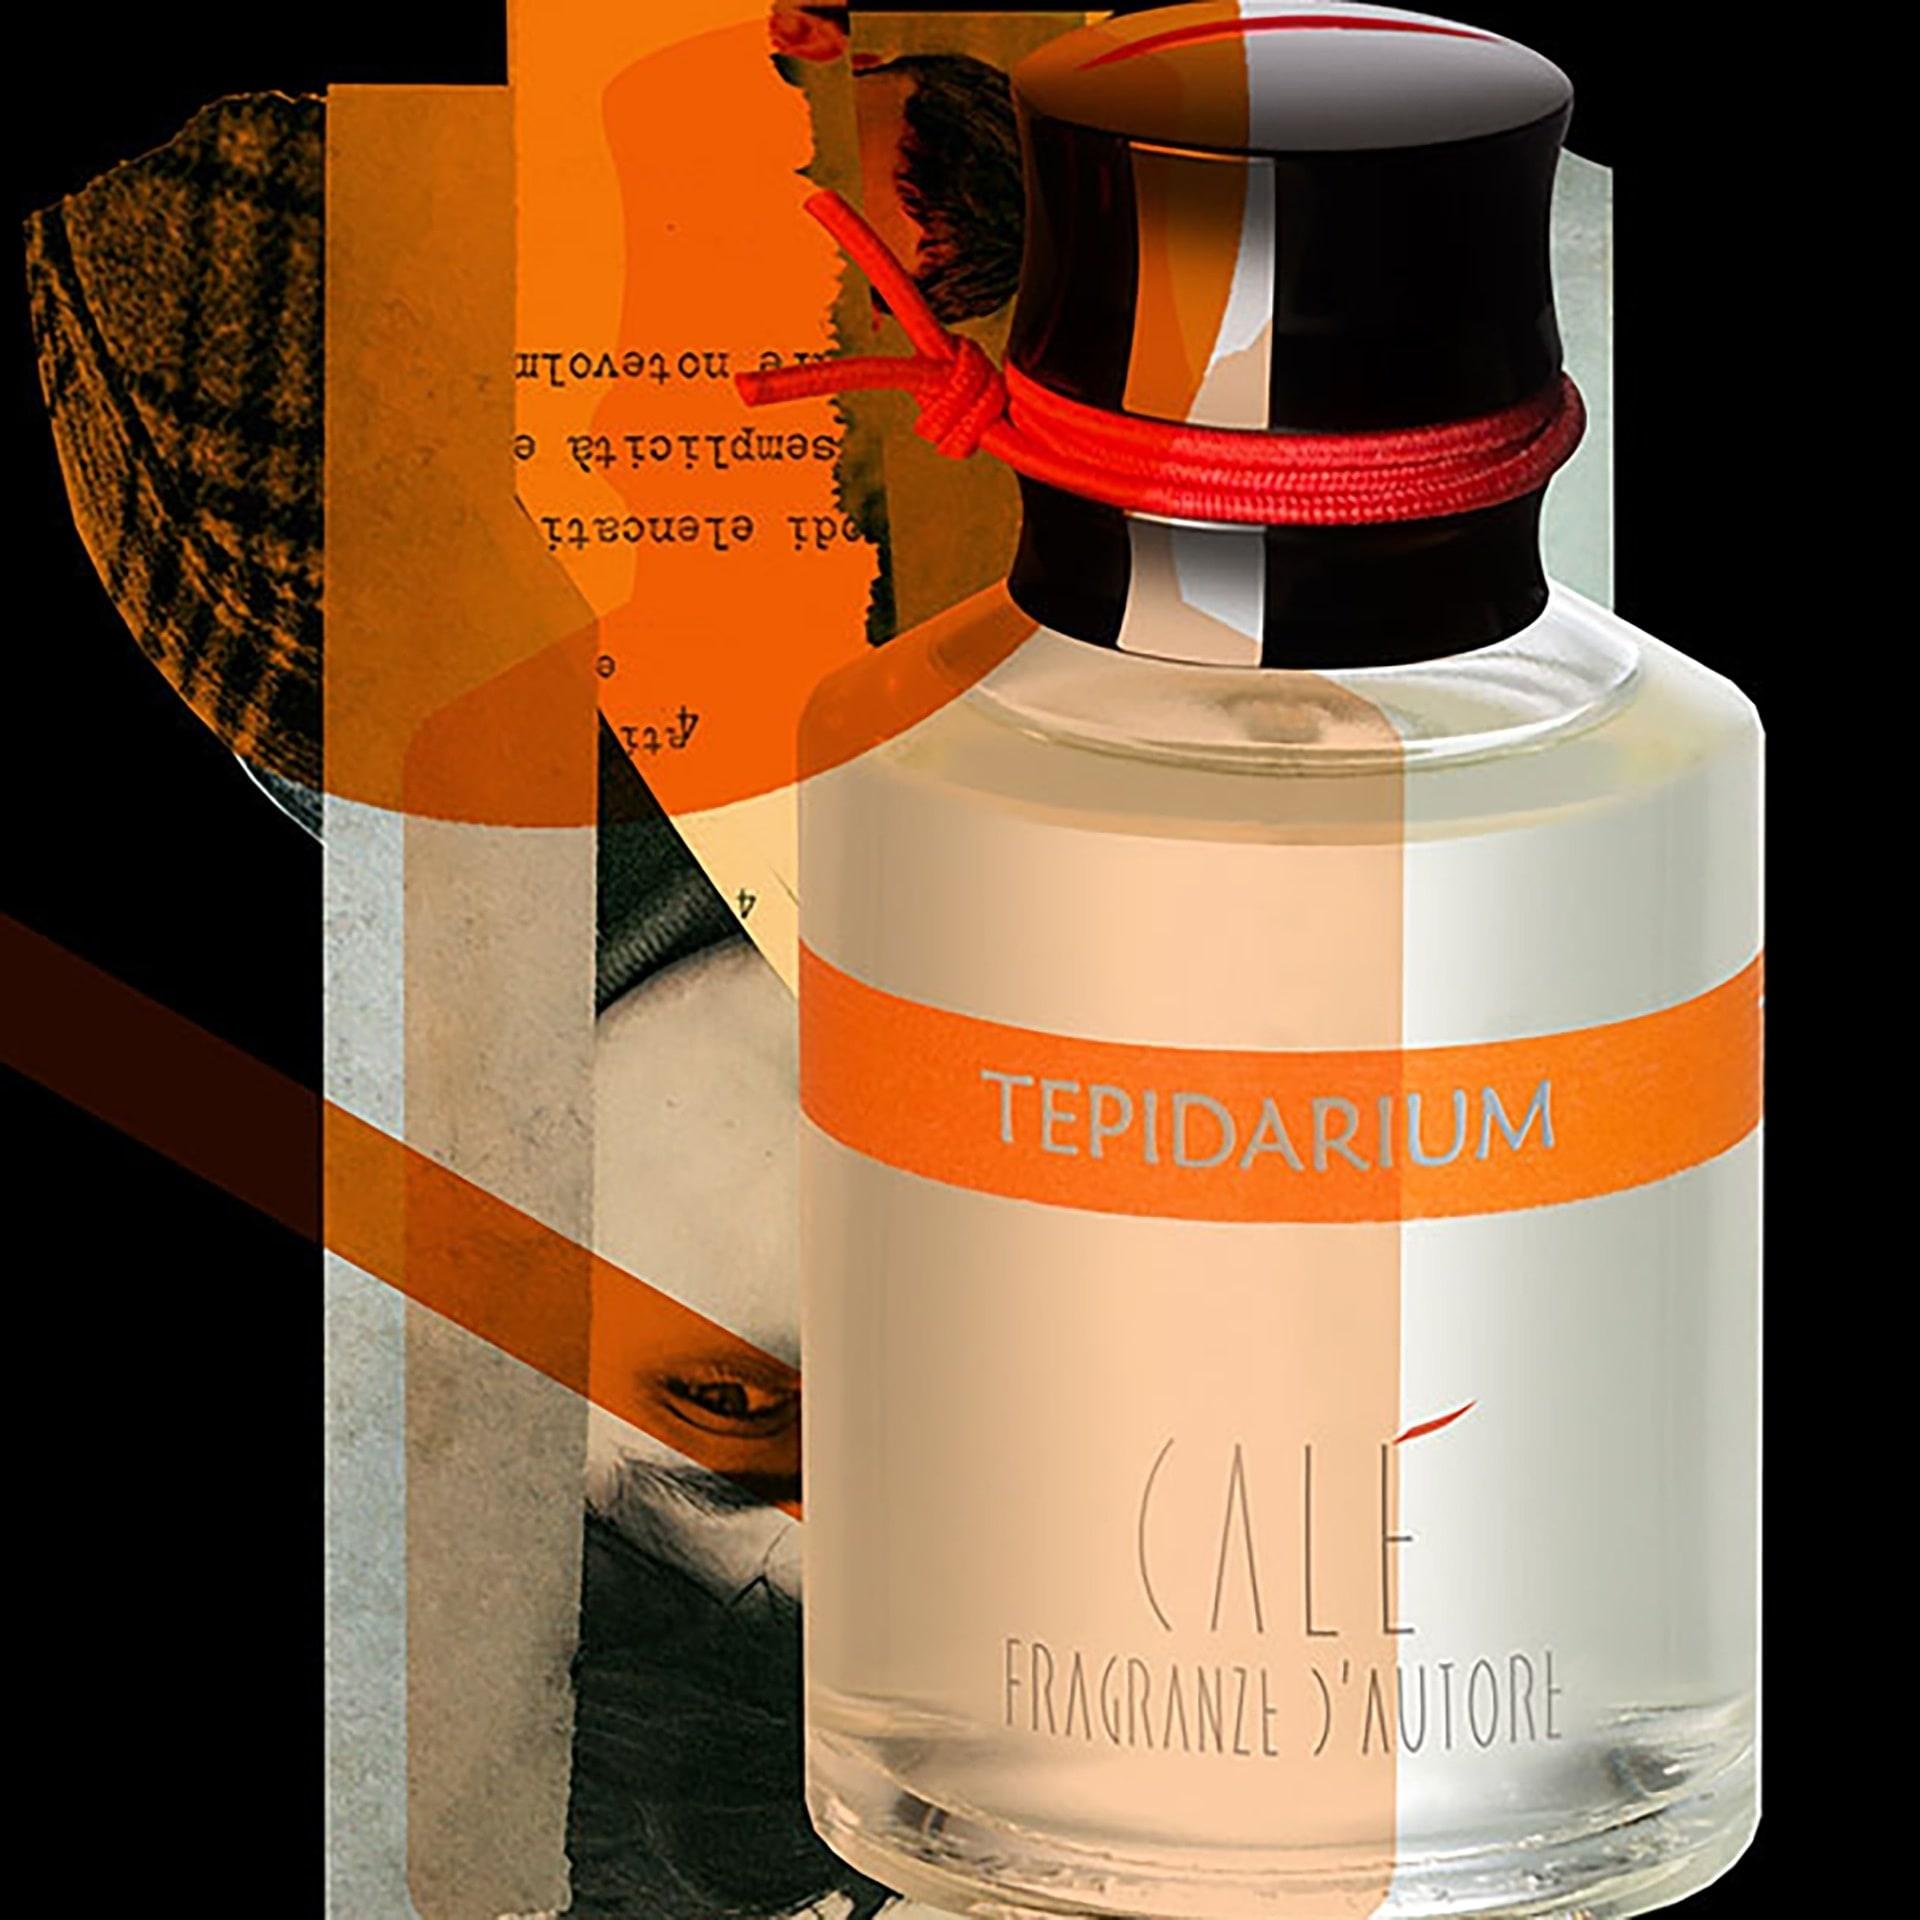 cale-fragranze-dautore-tepidarium-1